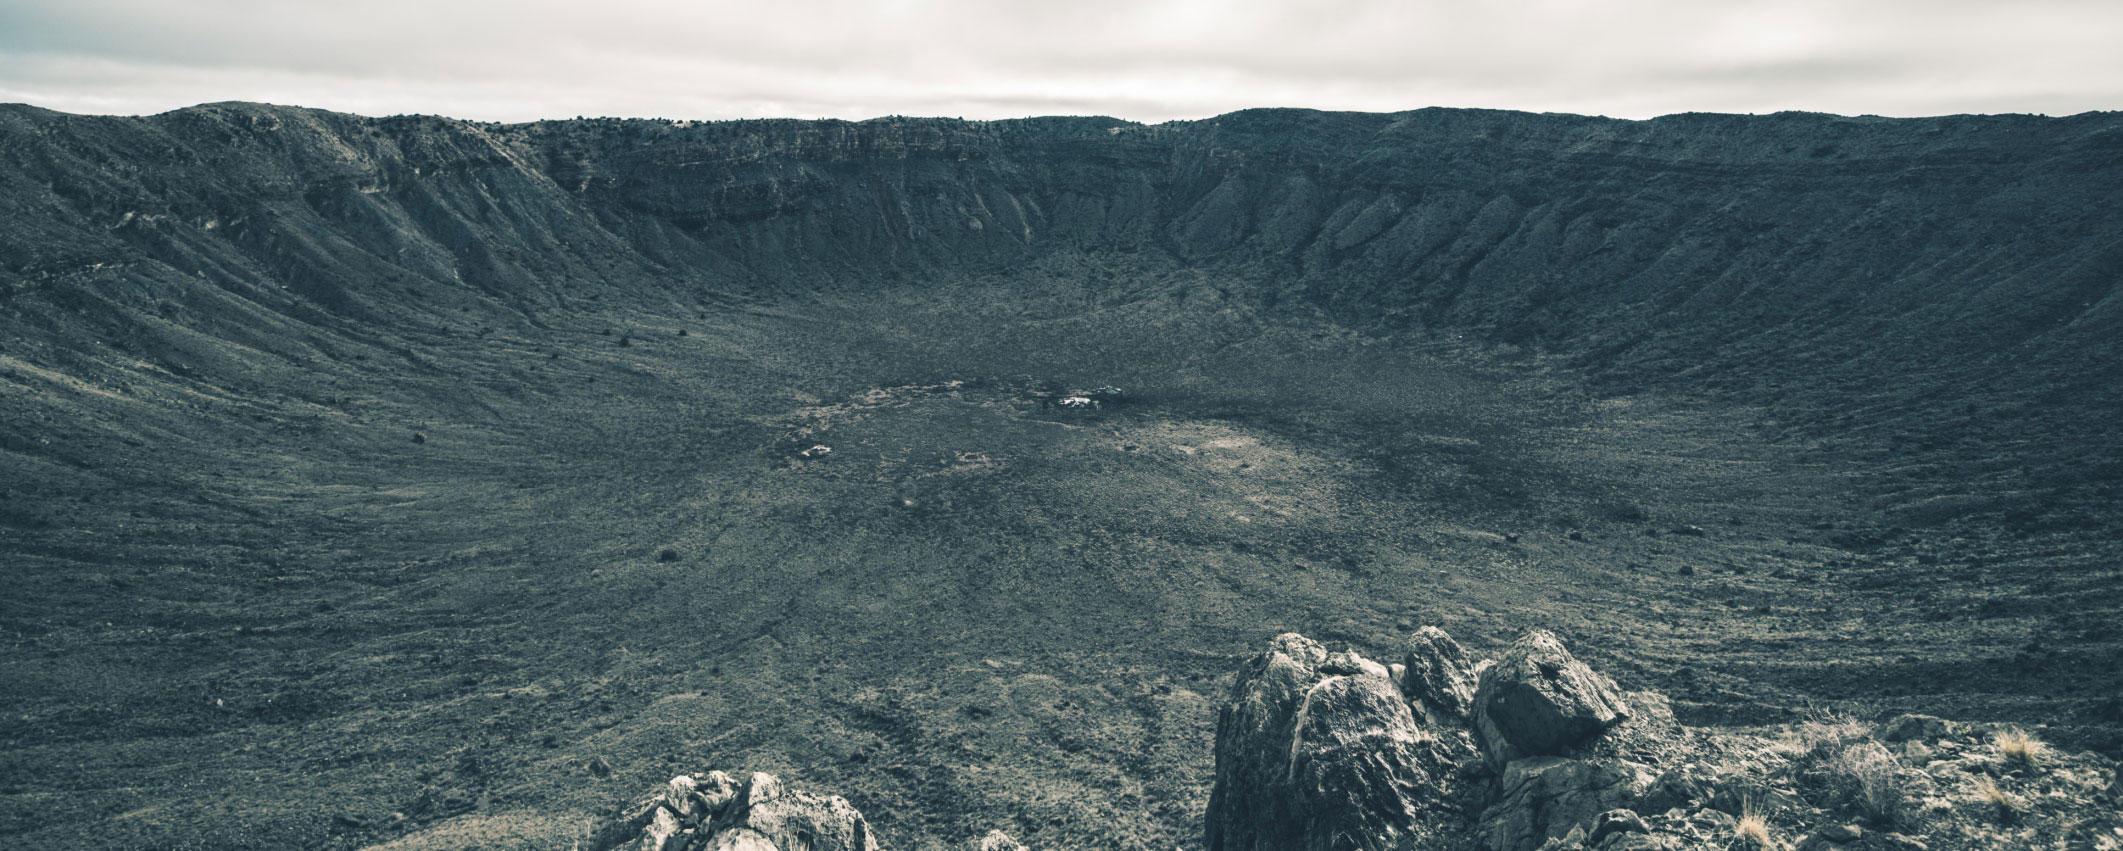 crater impact site